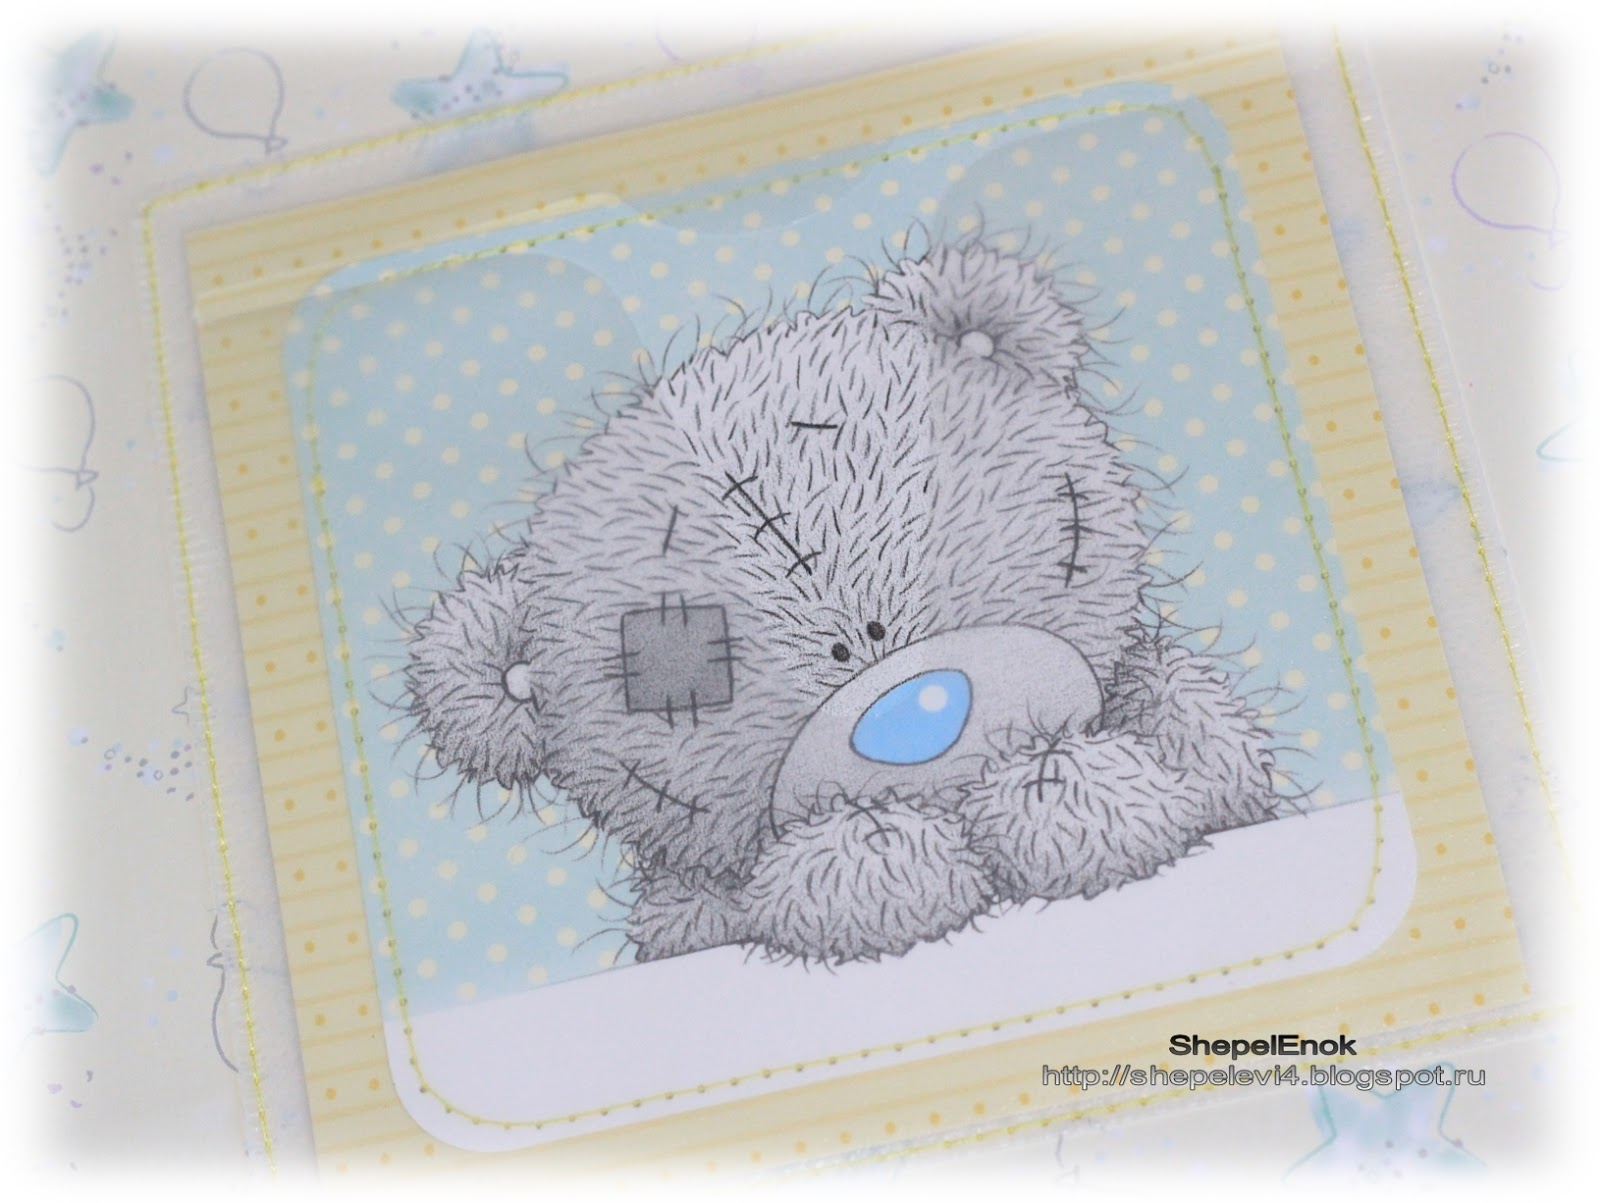 Доброго утра медвежонок - Доброе утро - Анимационные блестящие картинки GIF 85